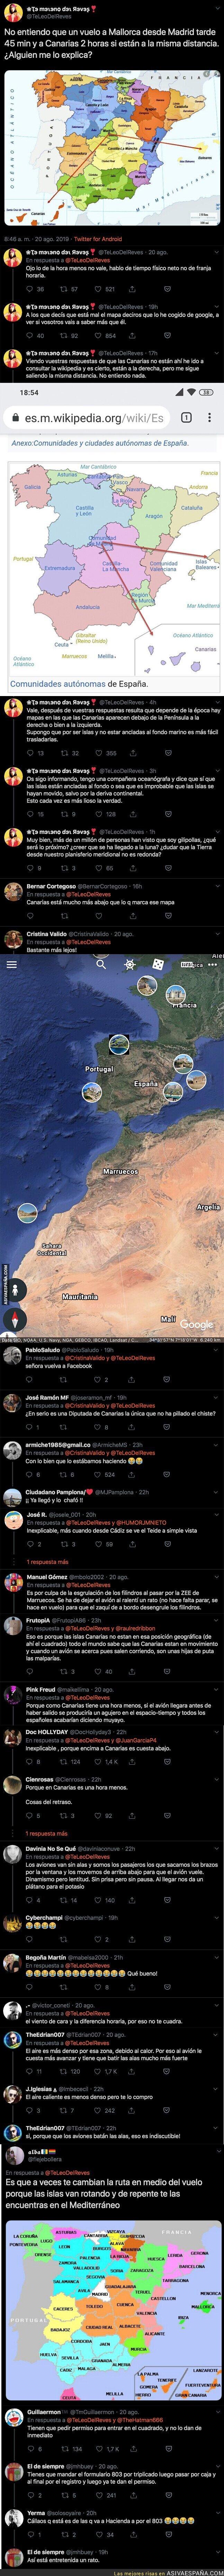 119179 - Esta chica no entiende la enorme diferencia que hay para viajar de Madrid a Mallorca y Canarias si están 'a la misma distancia'